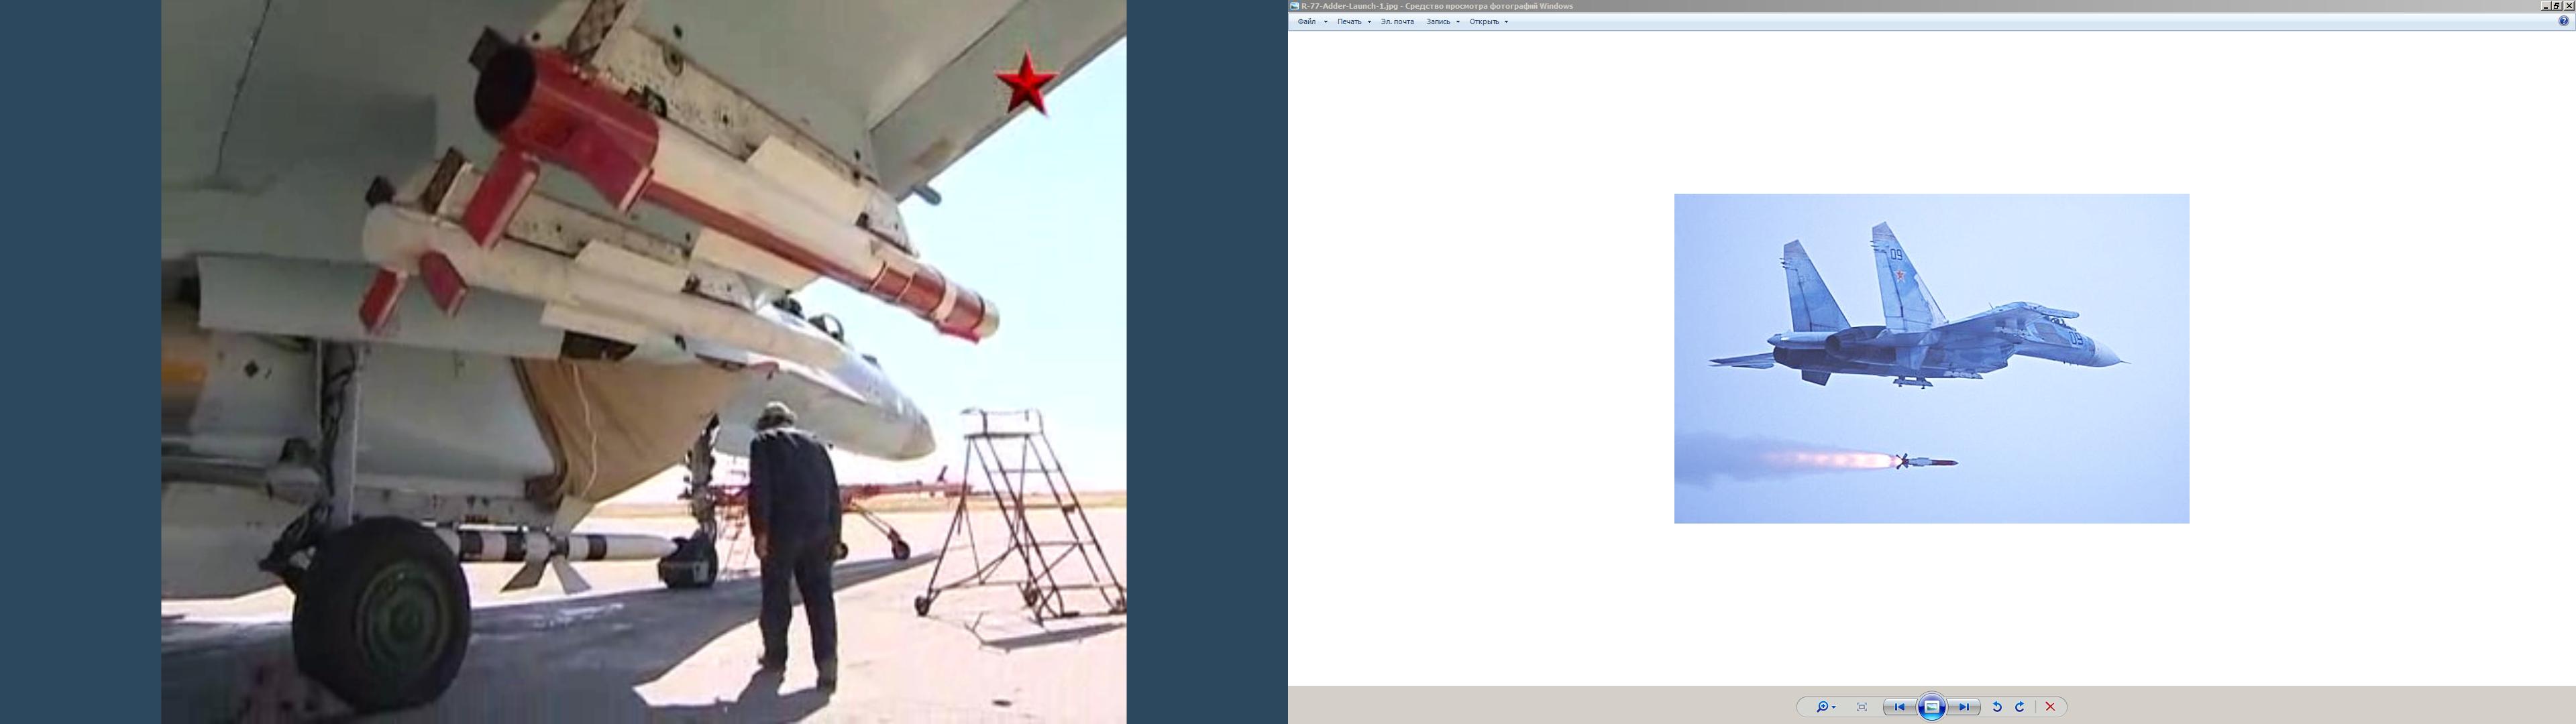 Фотки ракеты